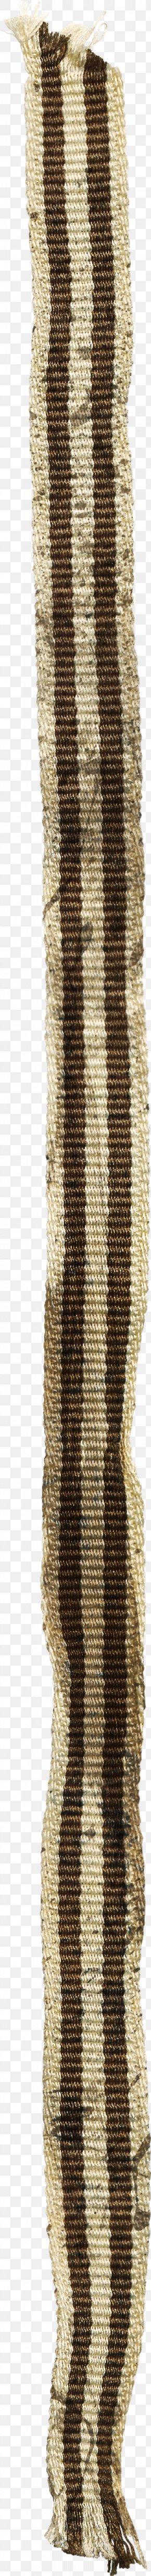 Scarves Line - Shoe PNG